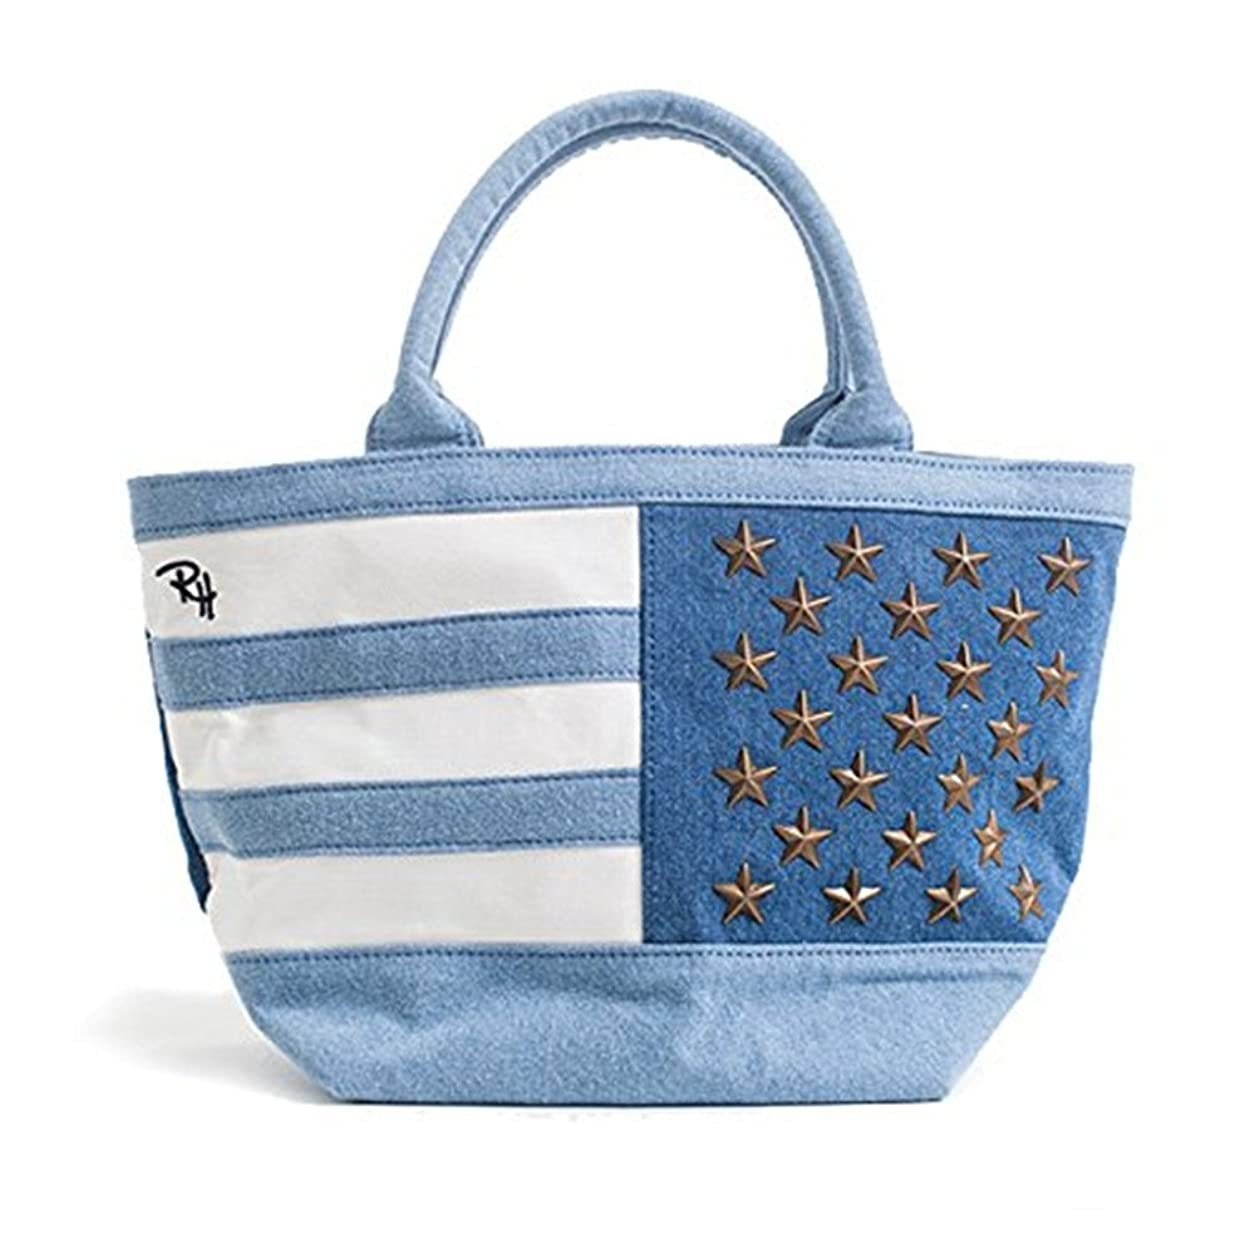 マーティフィールディング建物ワックスRon Herman ロンハーマン トートバッグ レディース Tote Bag ロゴ刺繍 50stars デニム カバン ハンドバッグ USAスタッズ 星条旗